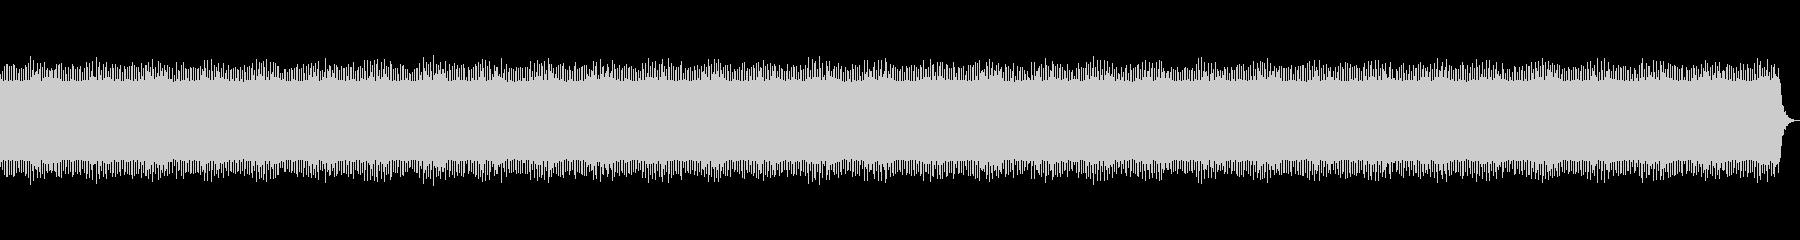 4つ打ちニュースBGMの未再生の波形